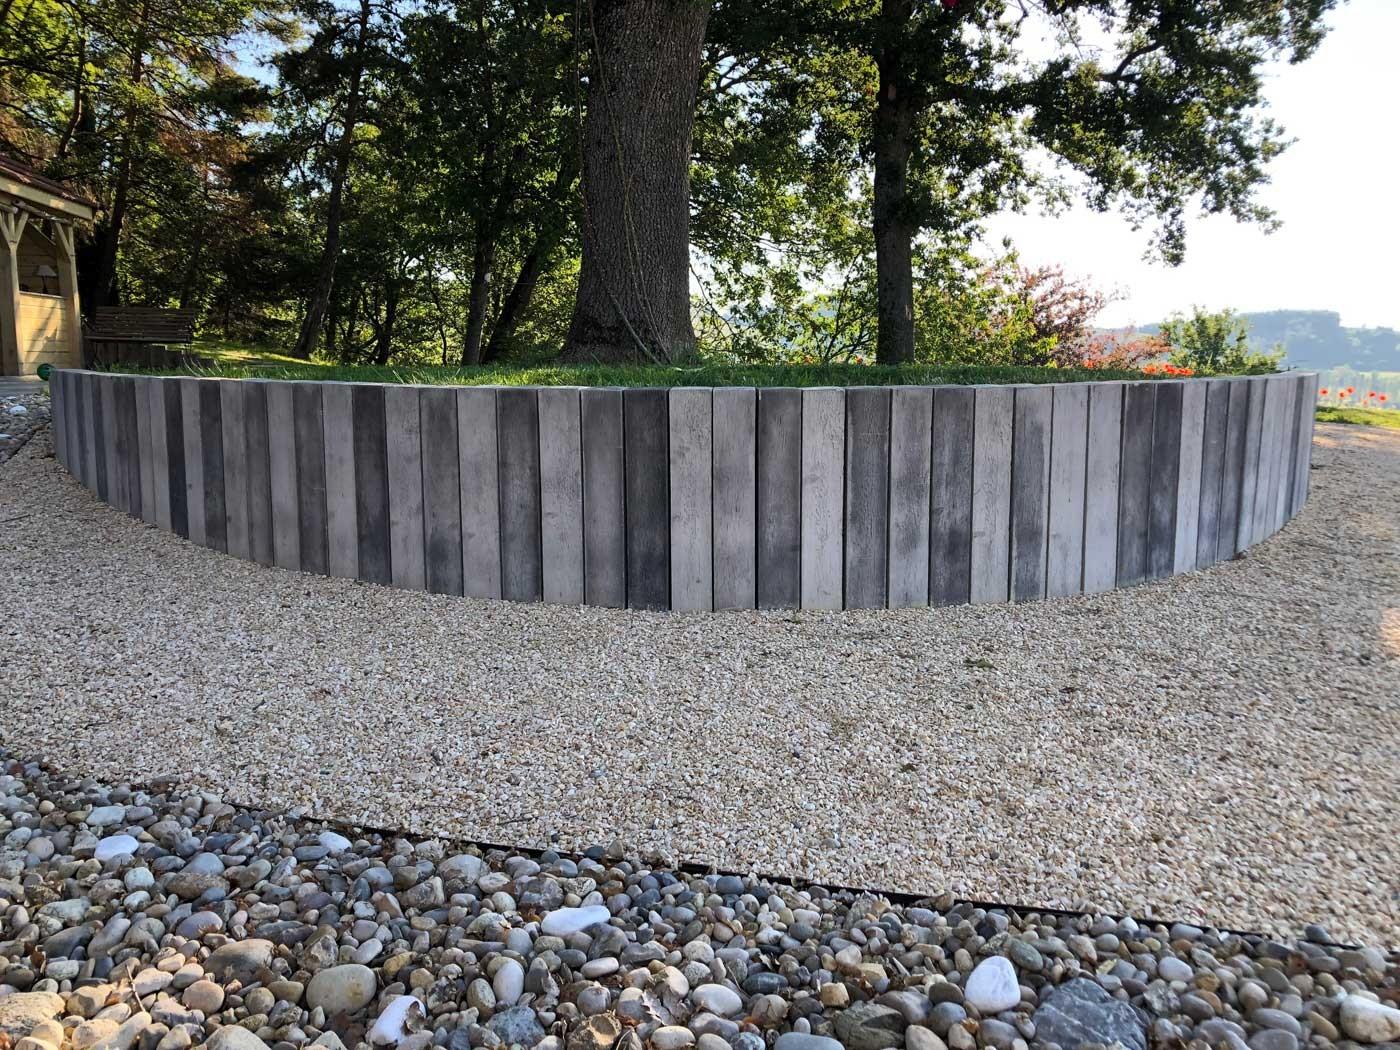 Bordure De Jardin En Pierre Reconstituée Poutre Bois Blanchi ... pour Bordure Jardin Imitation Pierre